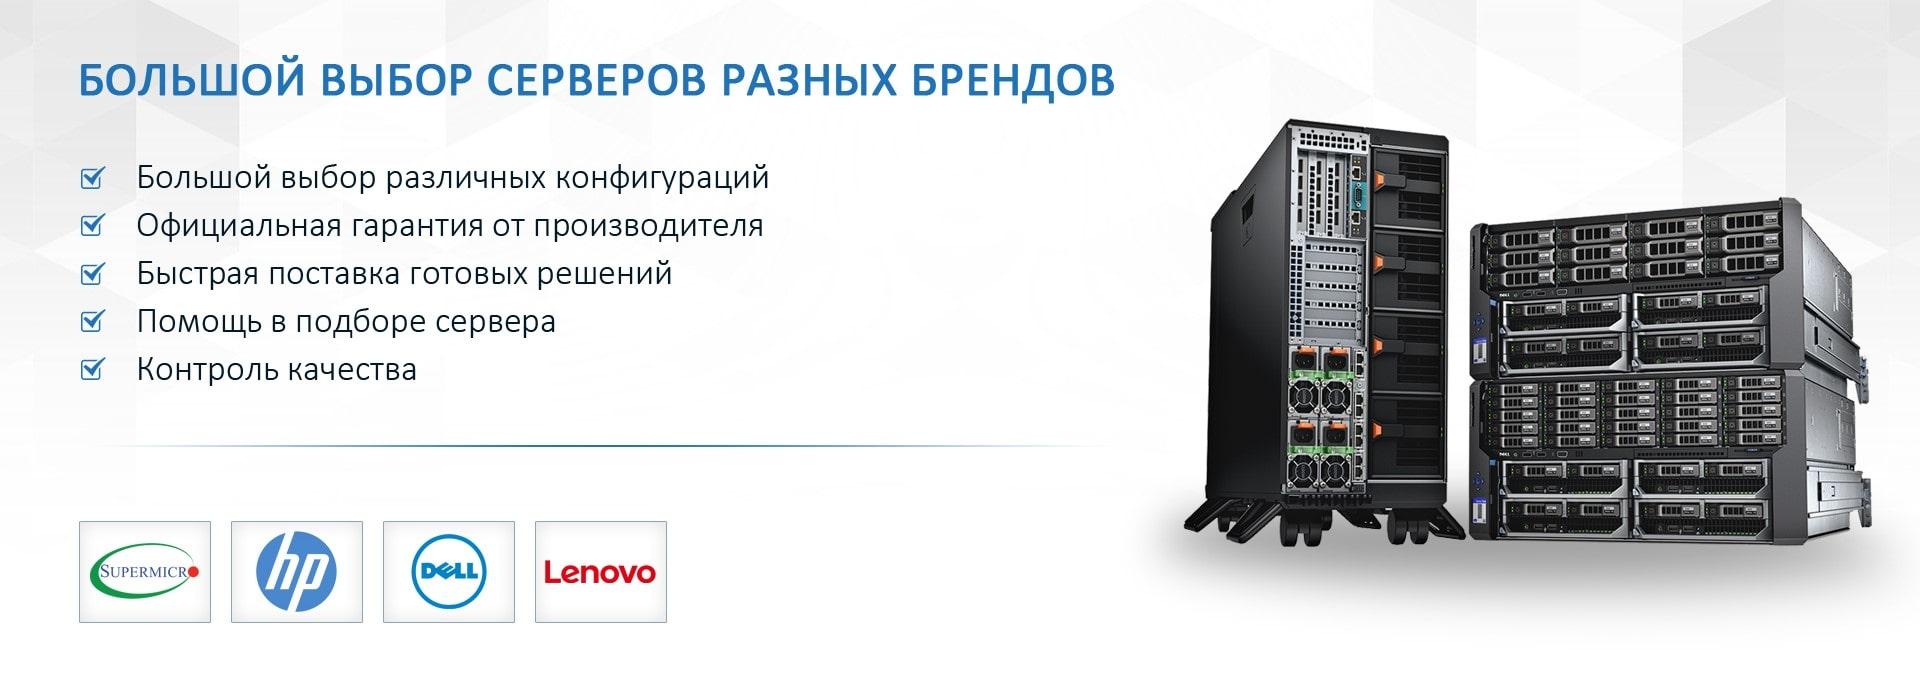 Большой выбор серверов